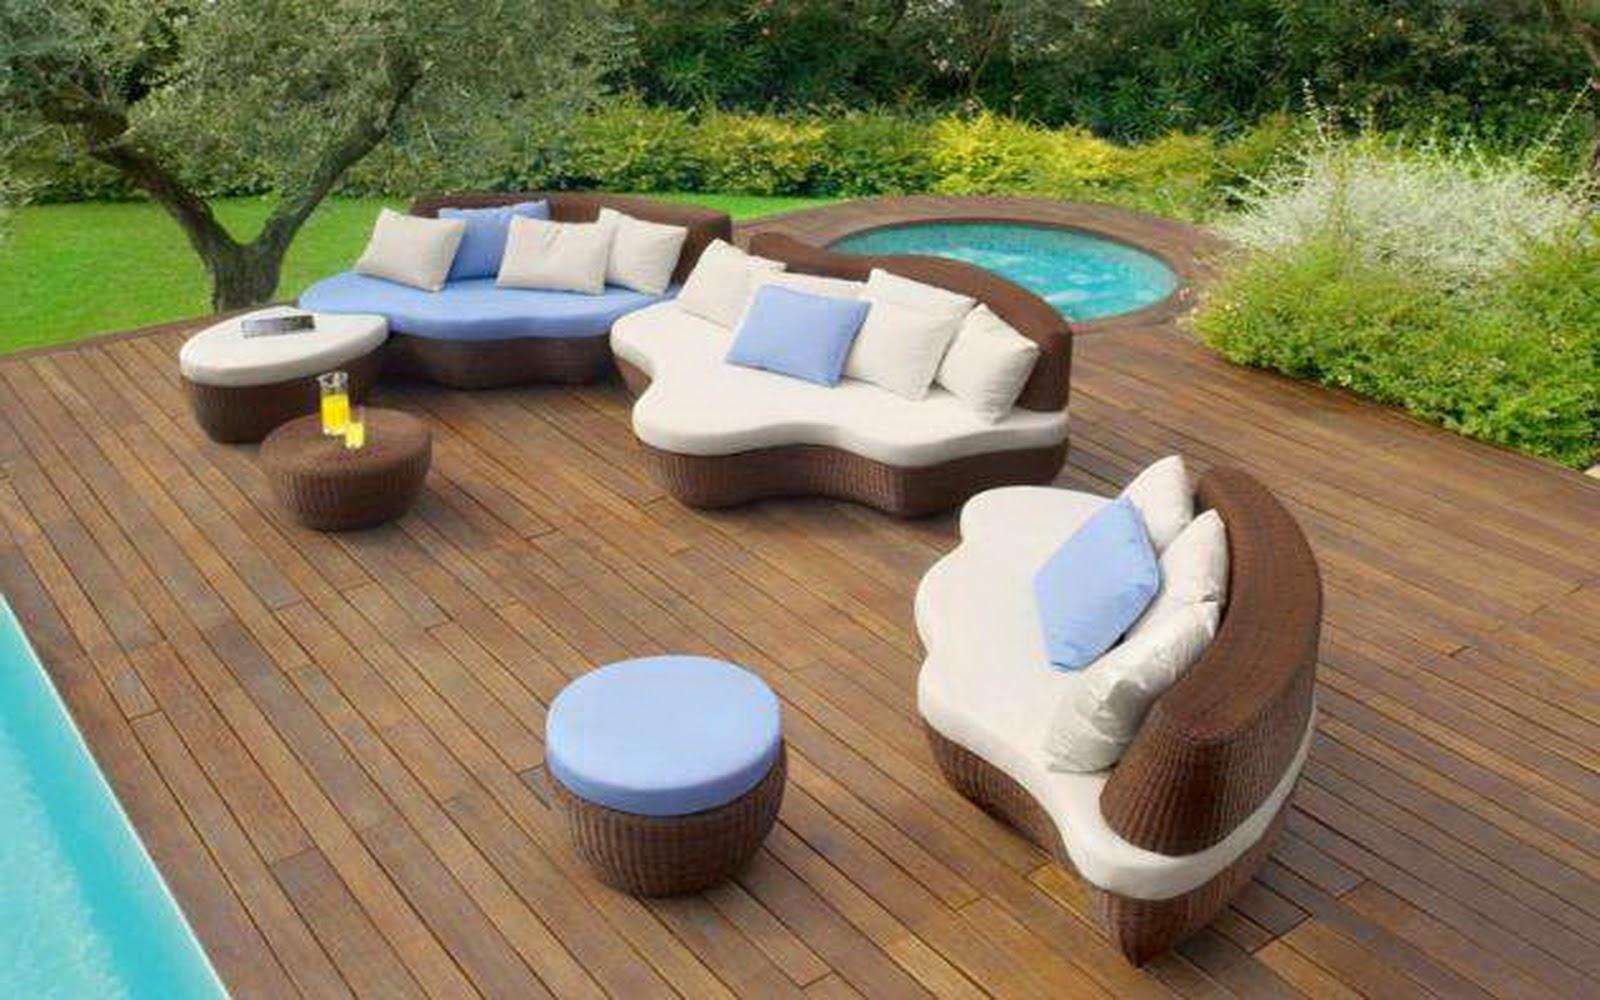 Un patio moderno la rivoluzione dei materiali essenziali for Arredamento da esterno moderno